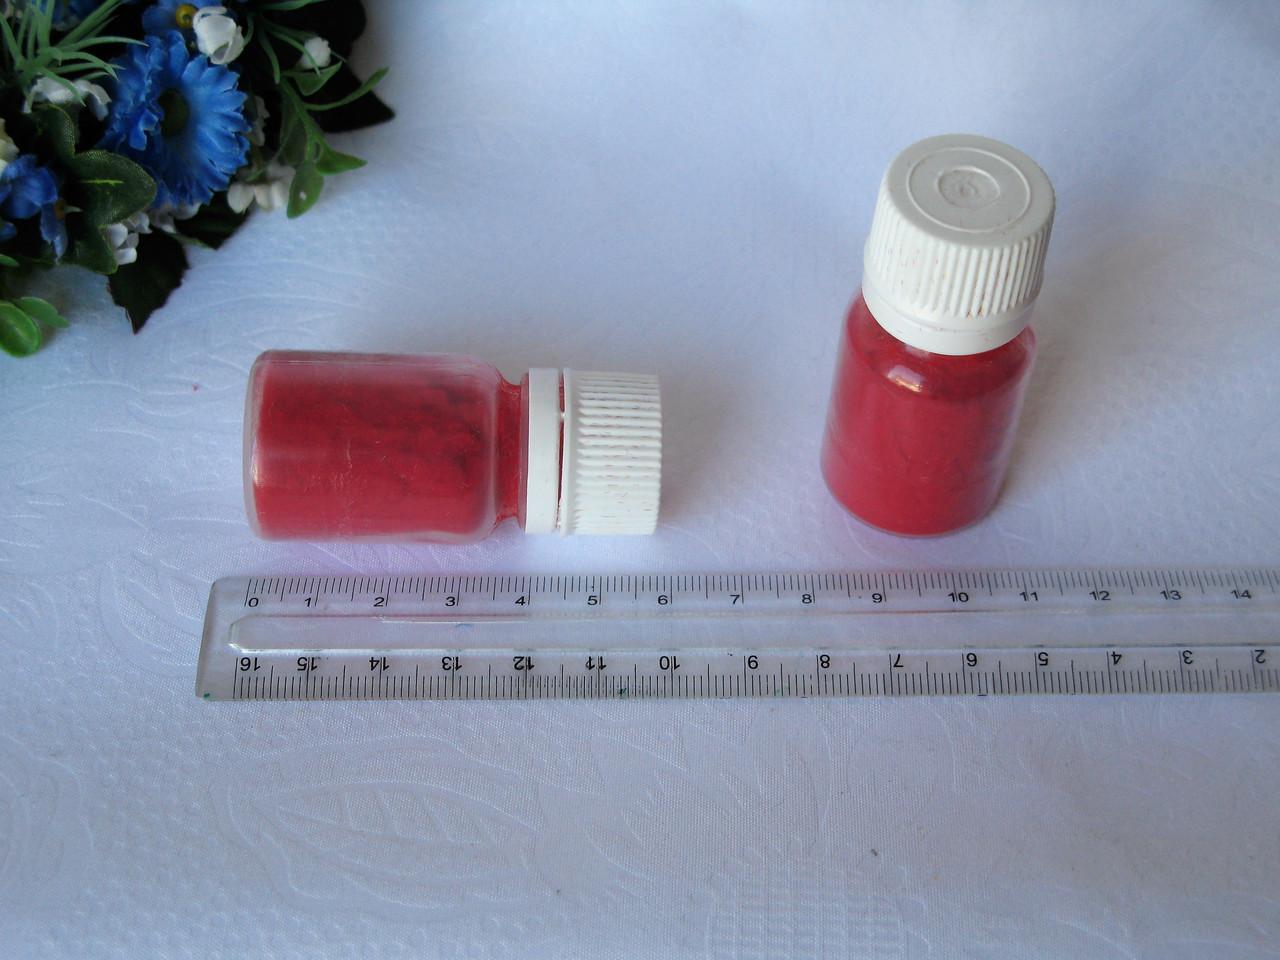 Флок. Цвет красный.  р-р 1 мм, объем 20 мл - цена 15 грн